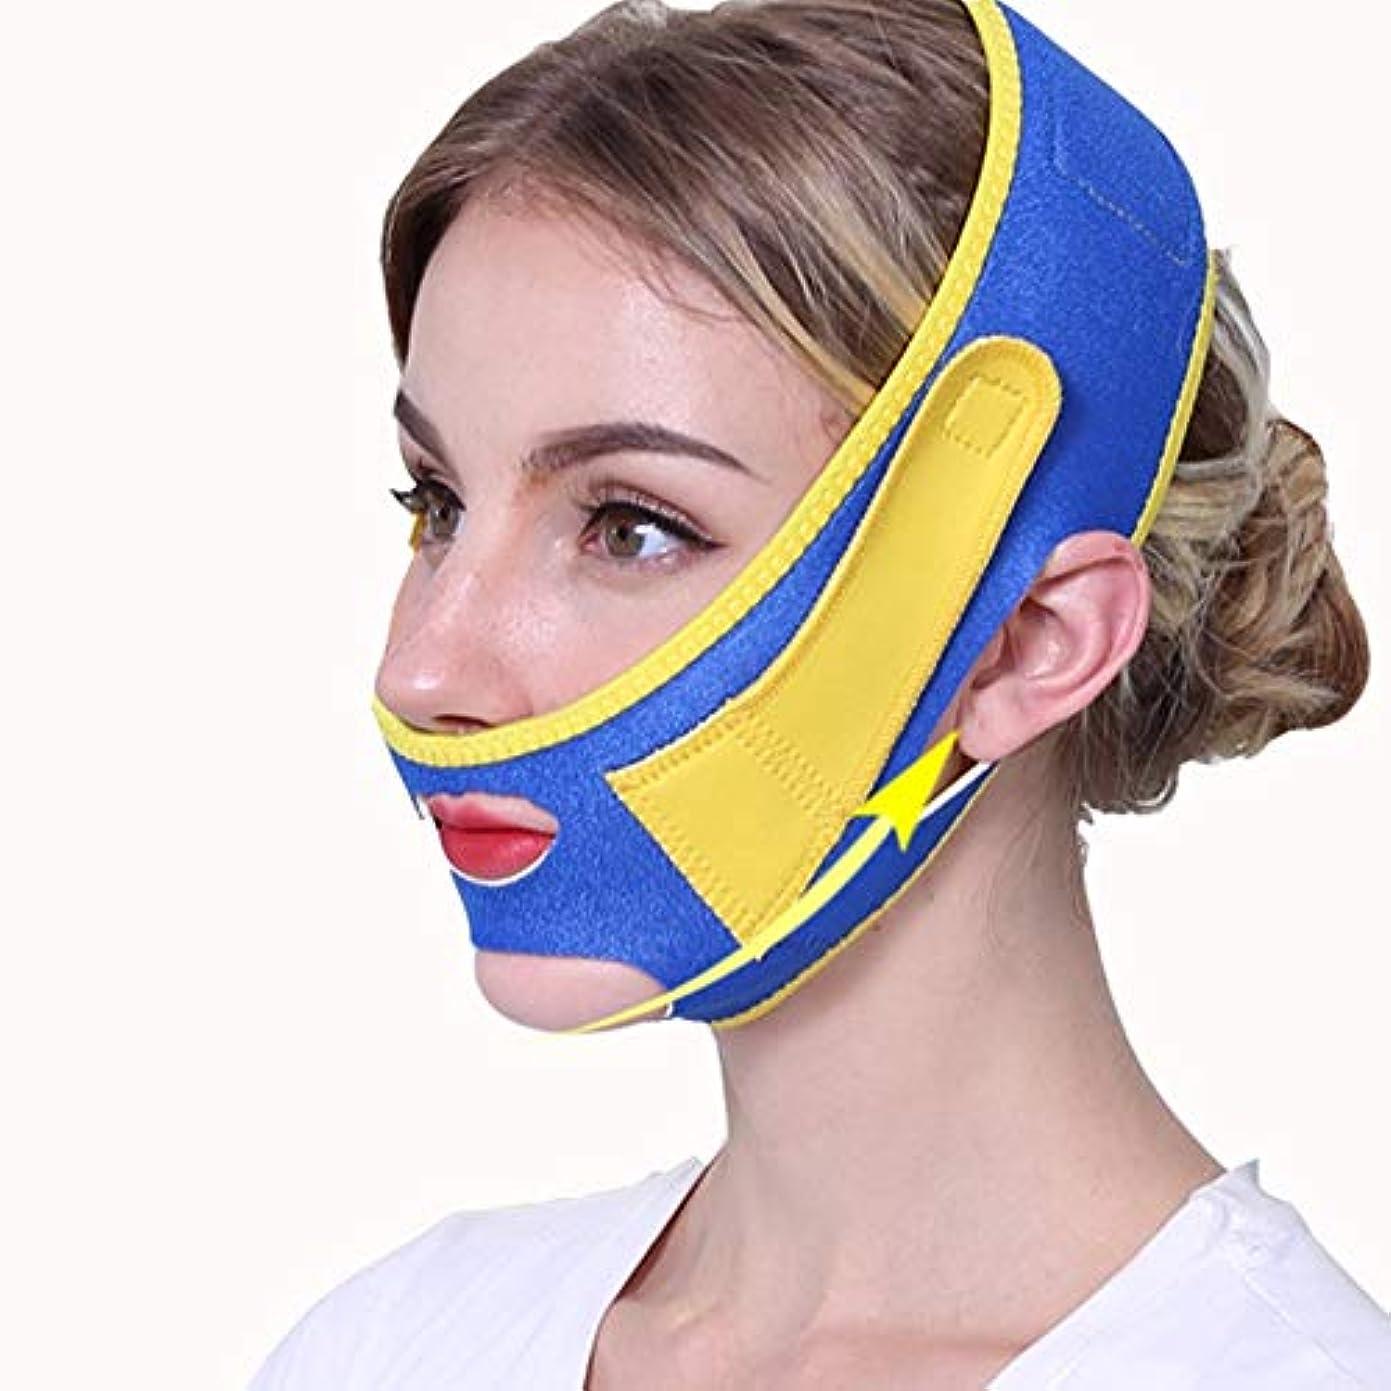 開梱終了する航空機XINGZHE フェイシャルリフティング痩身ベルトフェイス包帯マスク整形マスクフェイスベルトを引き締める薄型フェイス包帯整形マスクフェイスと首の顔を引き締めスリム フェイスリフティングベルト